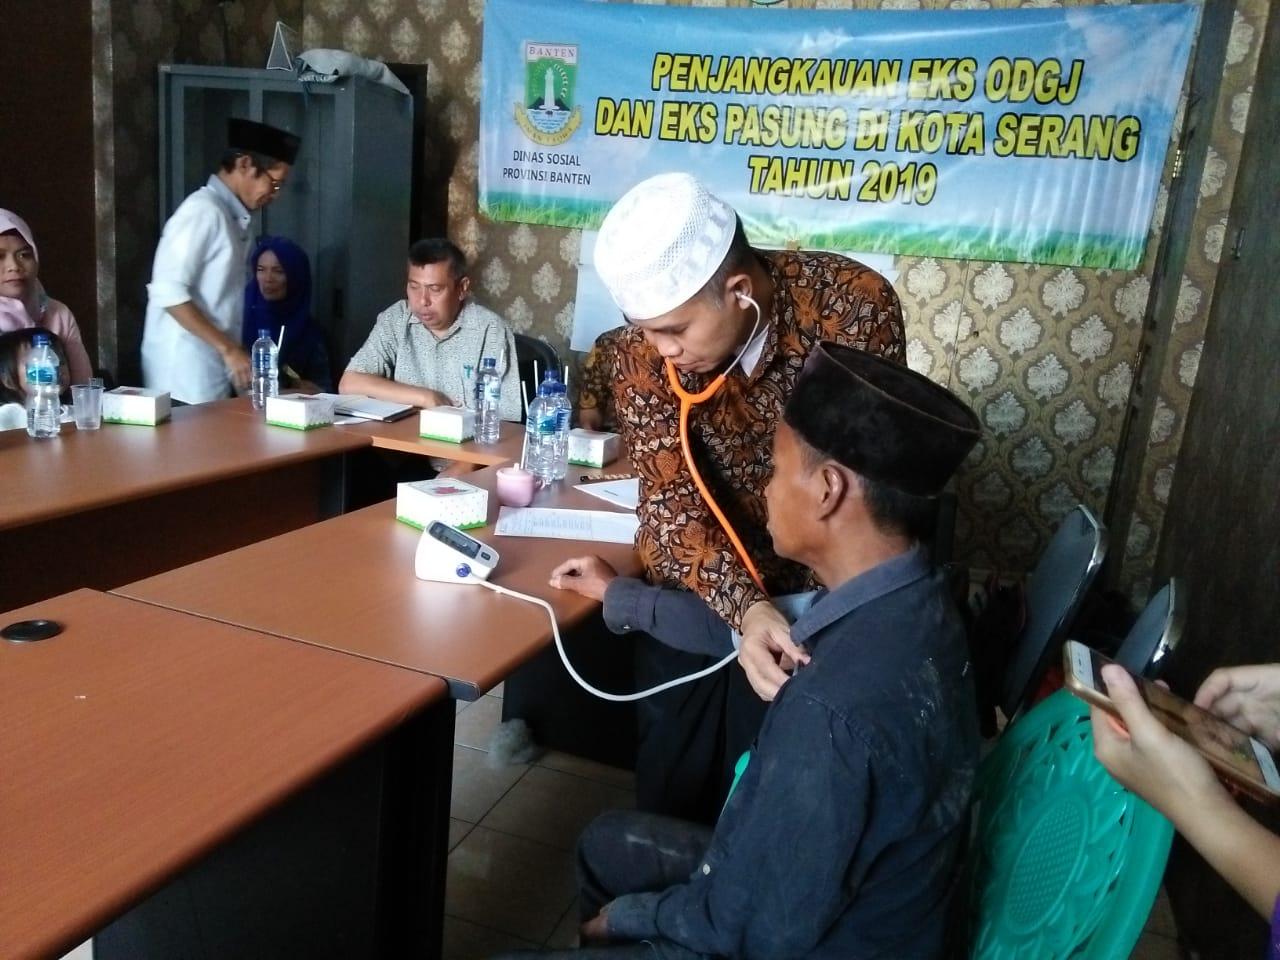 Penjangkauan Eks ODGJ dan Eks PASUNG DI Kota Serang